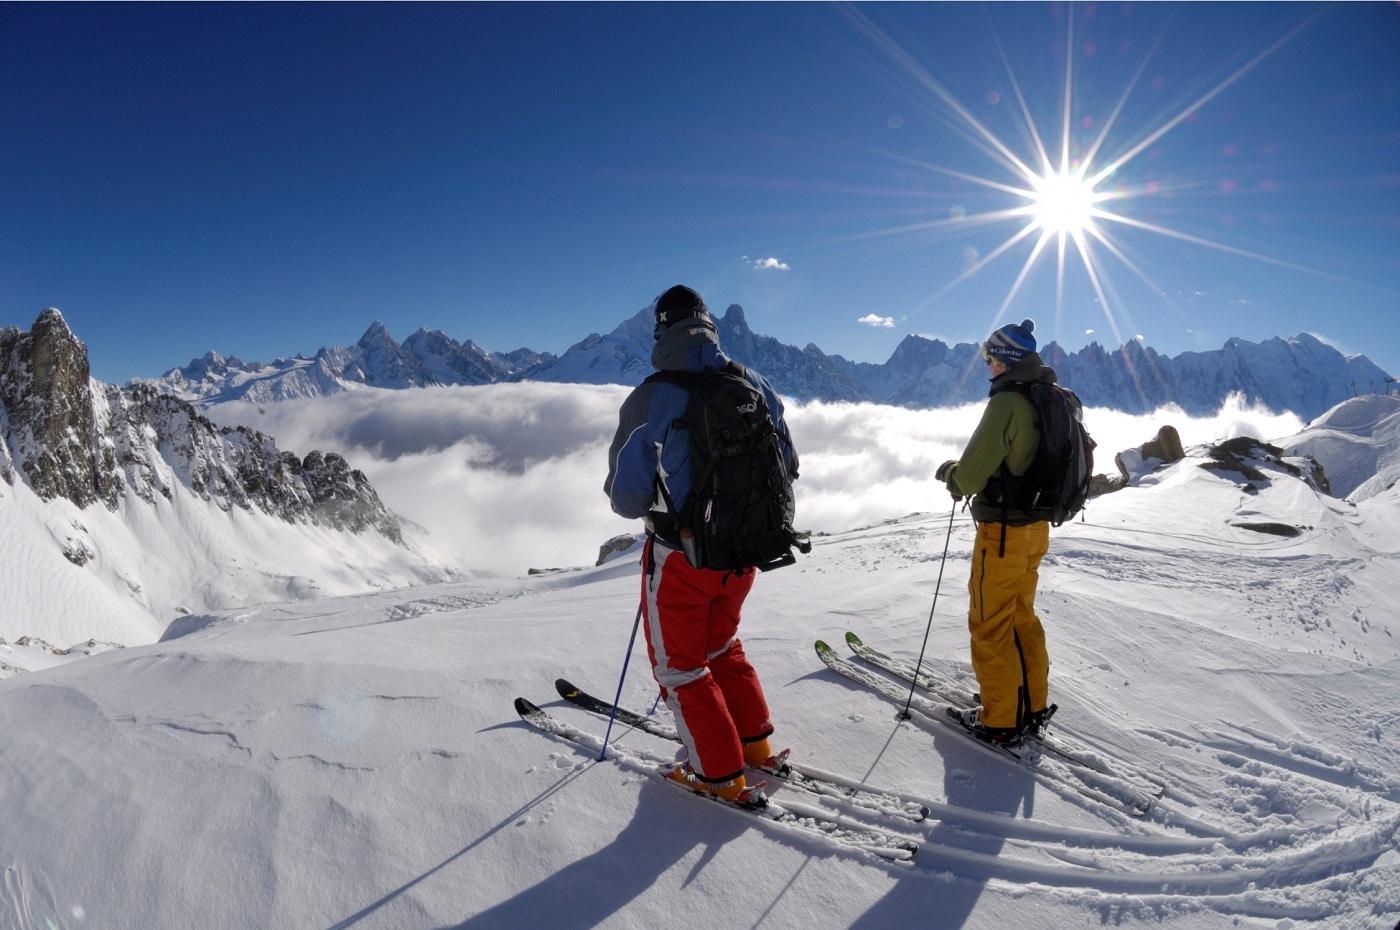 Cele mai bune pârtii de ski pun la încercare limitele turiştilor